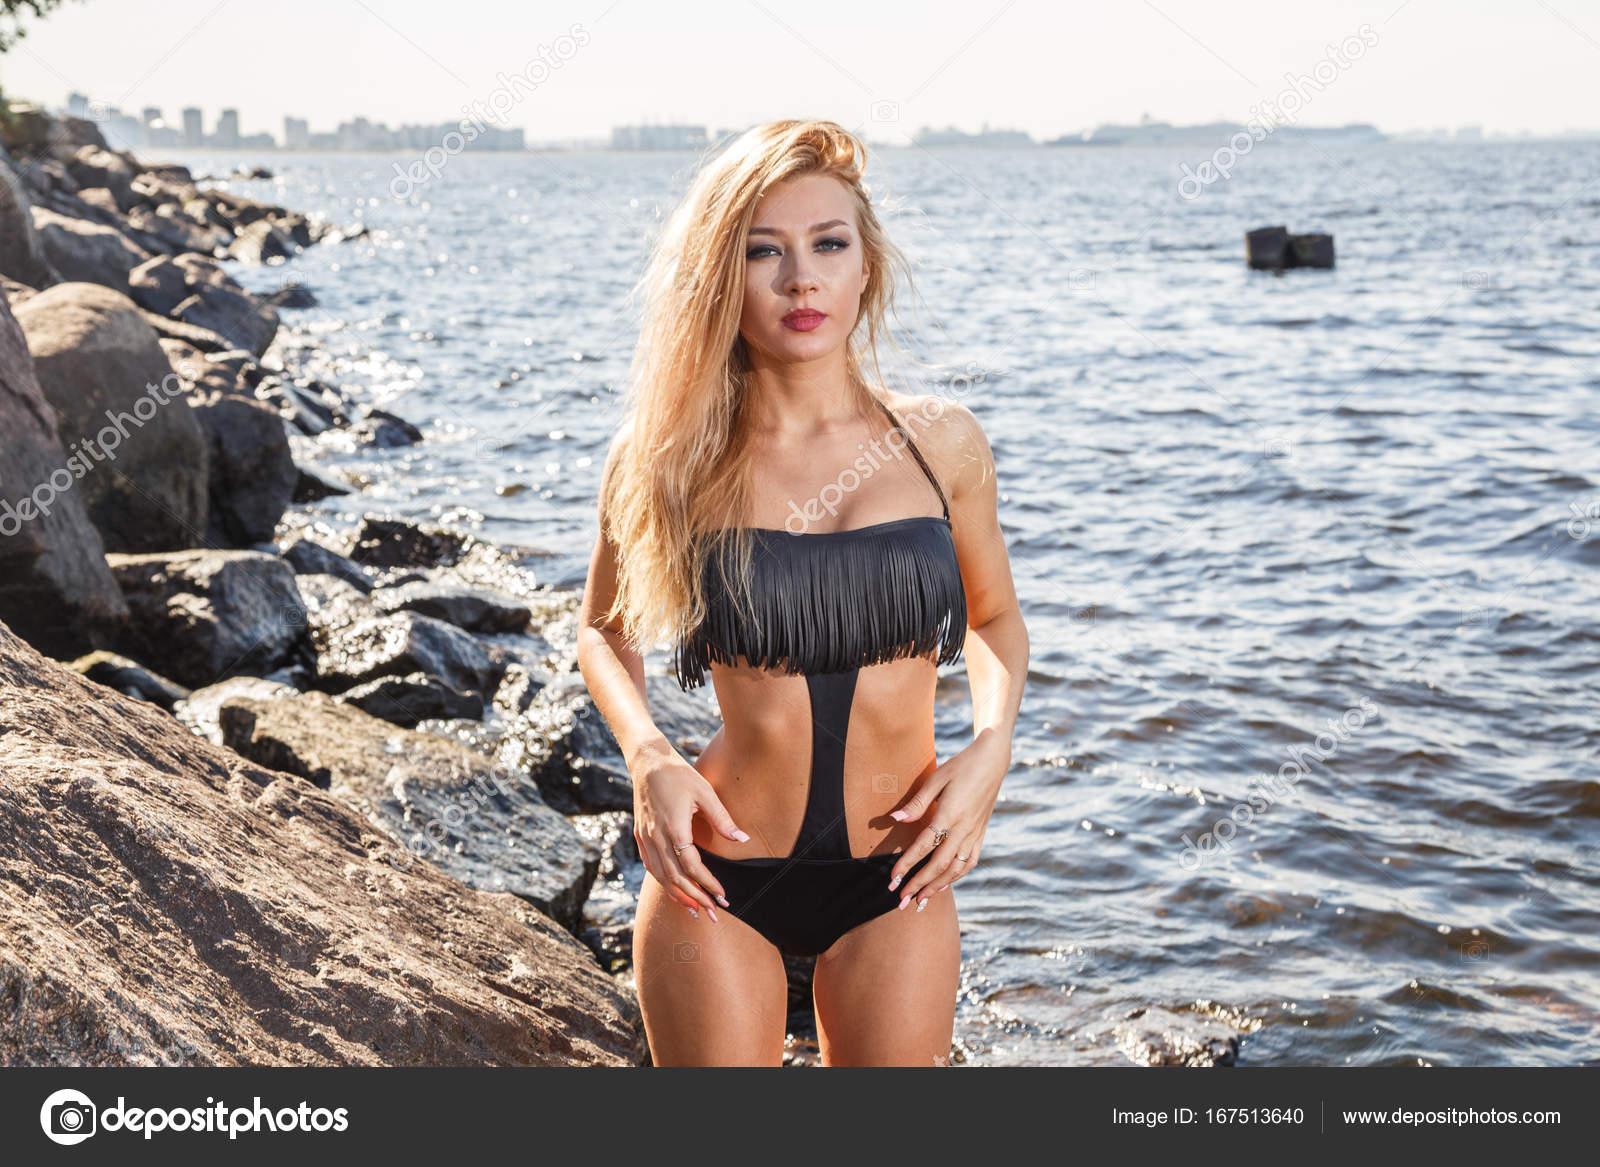 devushki-devushki-v-bikini-u-reki-foto-foto-golih